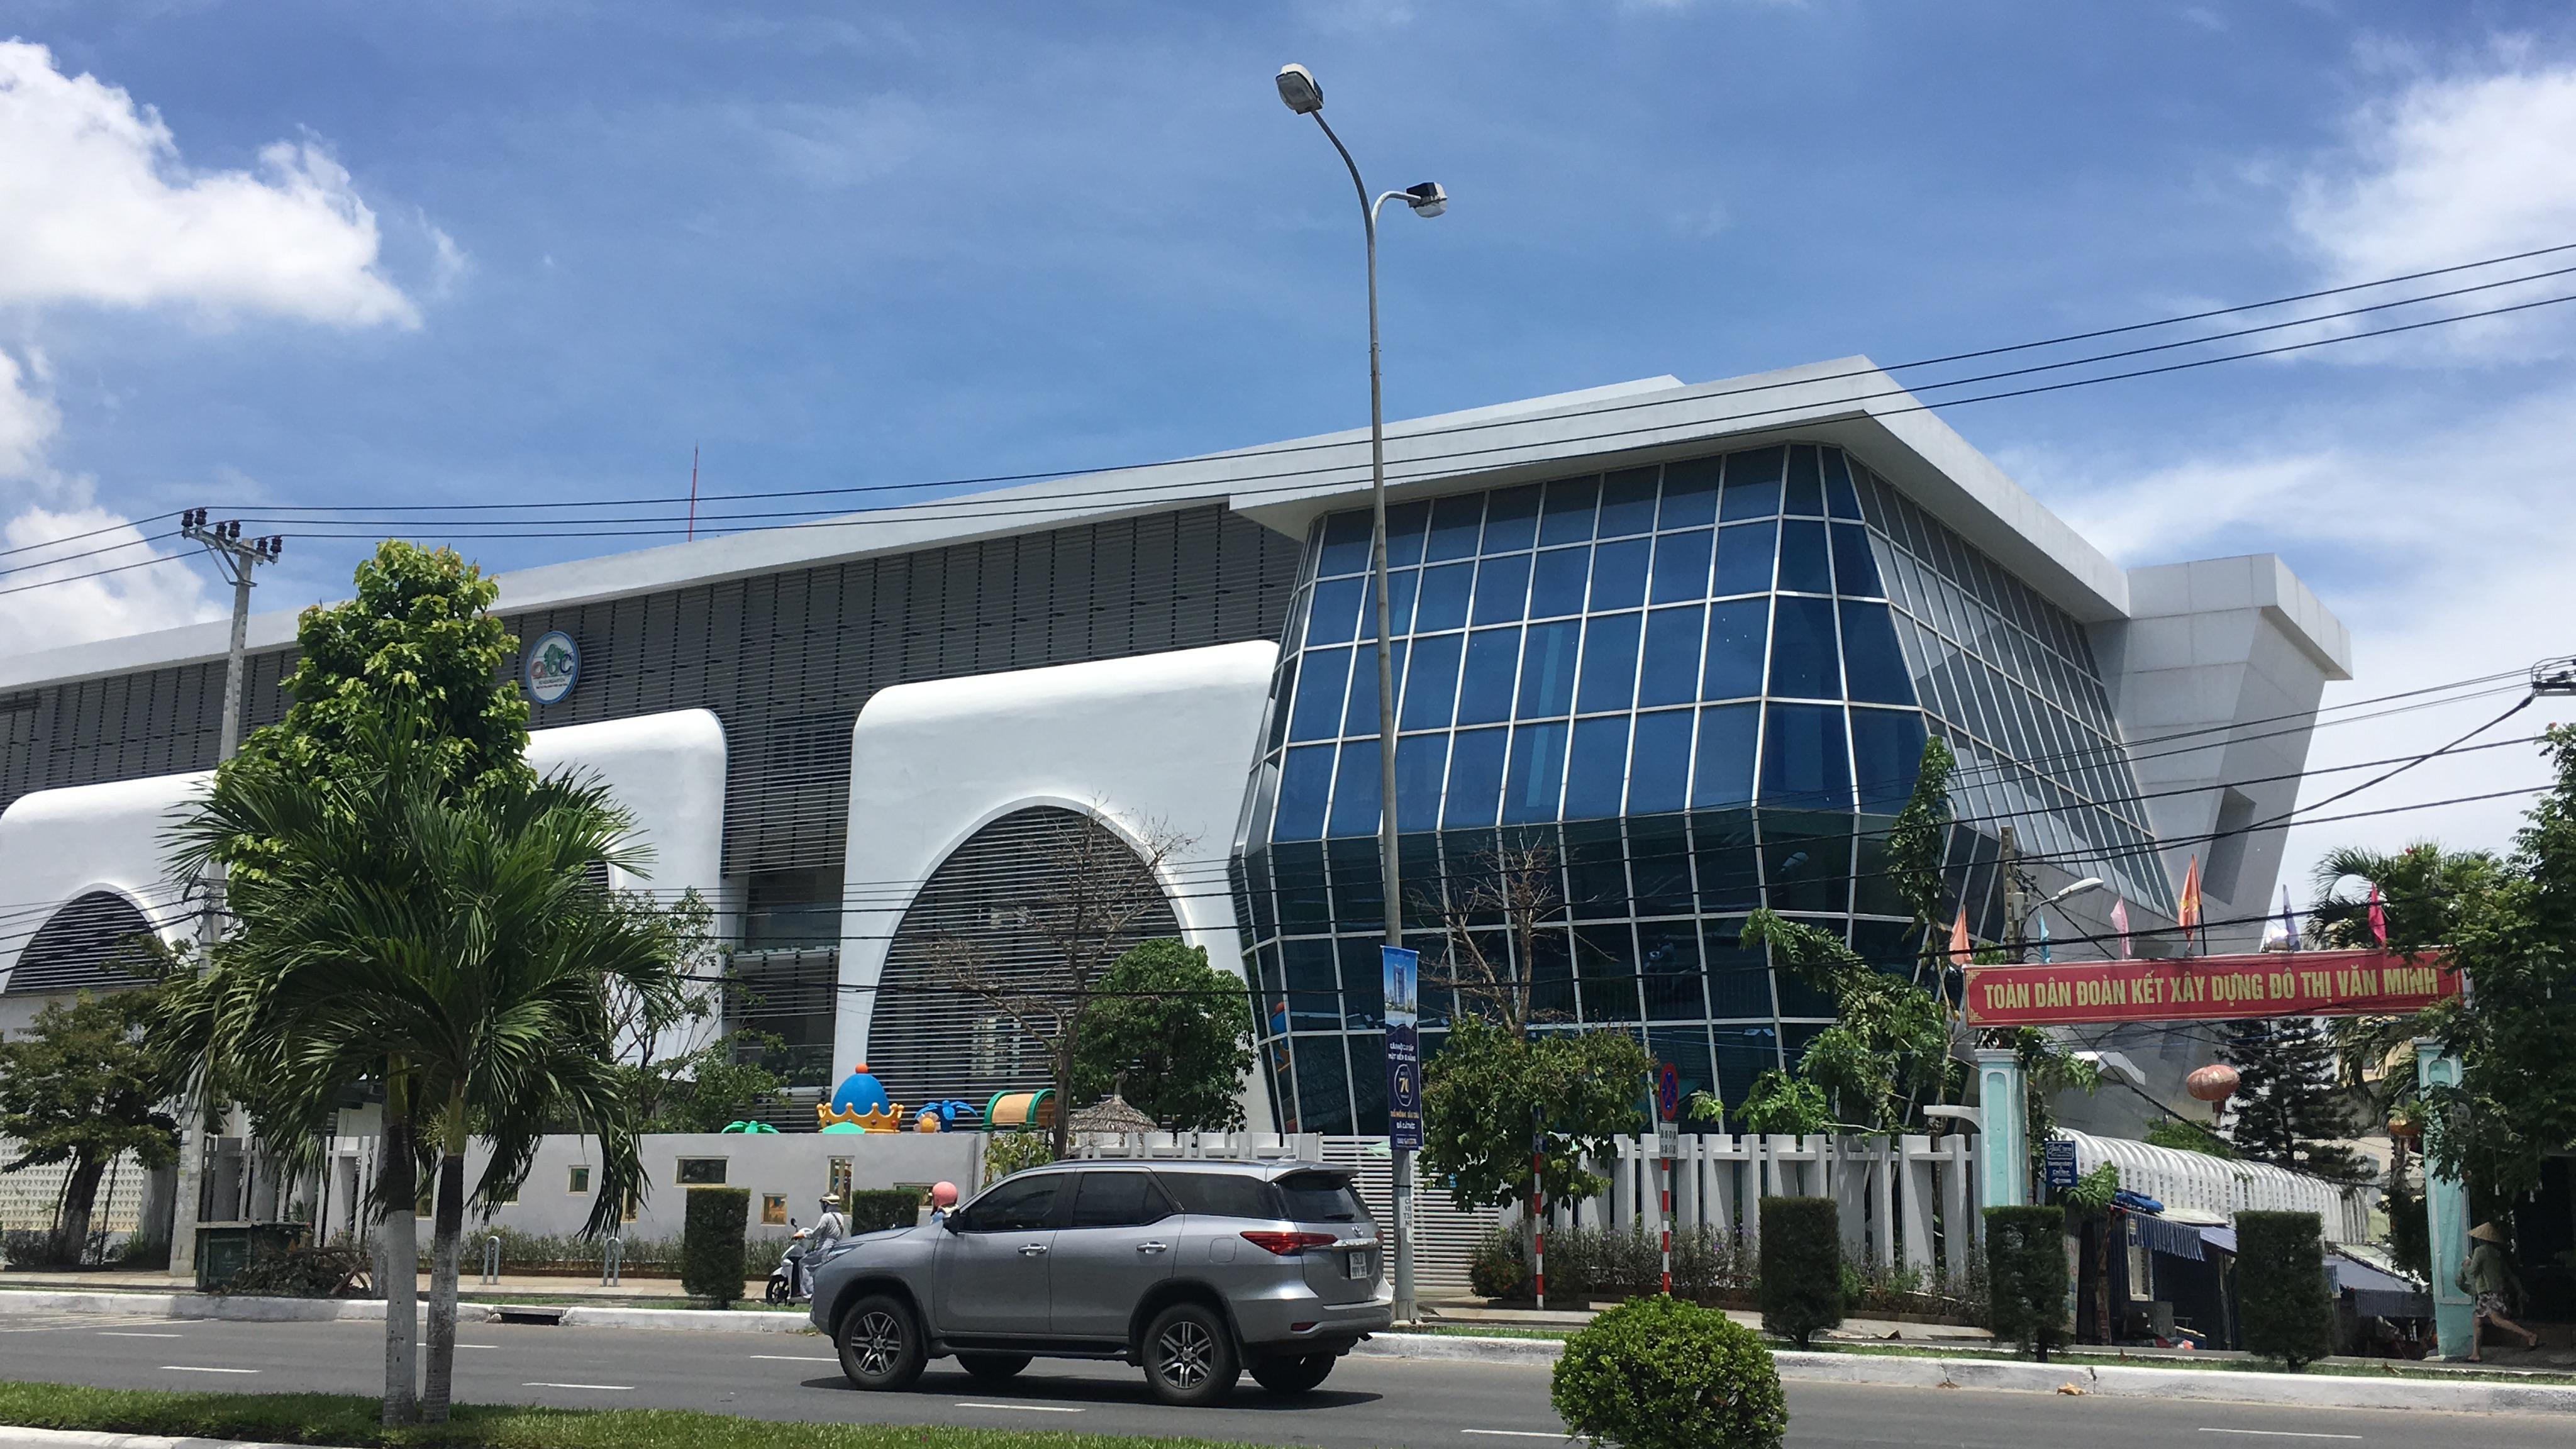 Cận cảnh khu đất vàng và sân vận động Chi Lăng mà Đà Nẵng khó thi hành án vụ án Vũ 'nhôm', Phạm Công Danh - Ảnh 5.